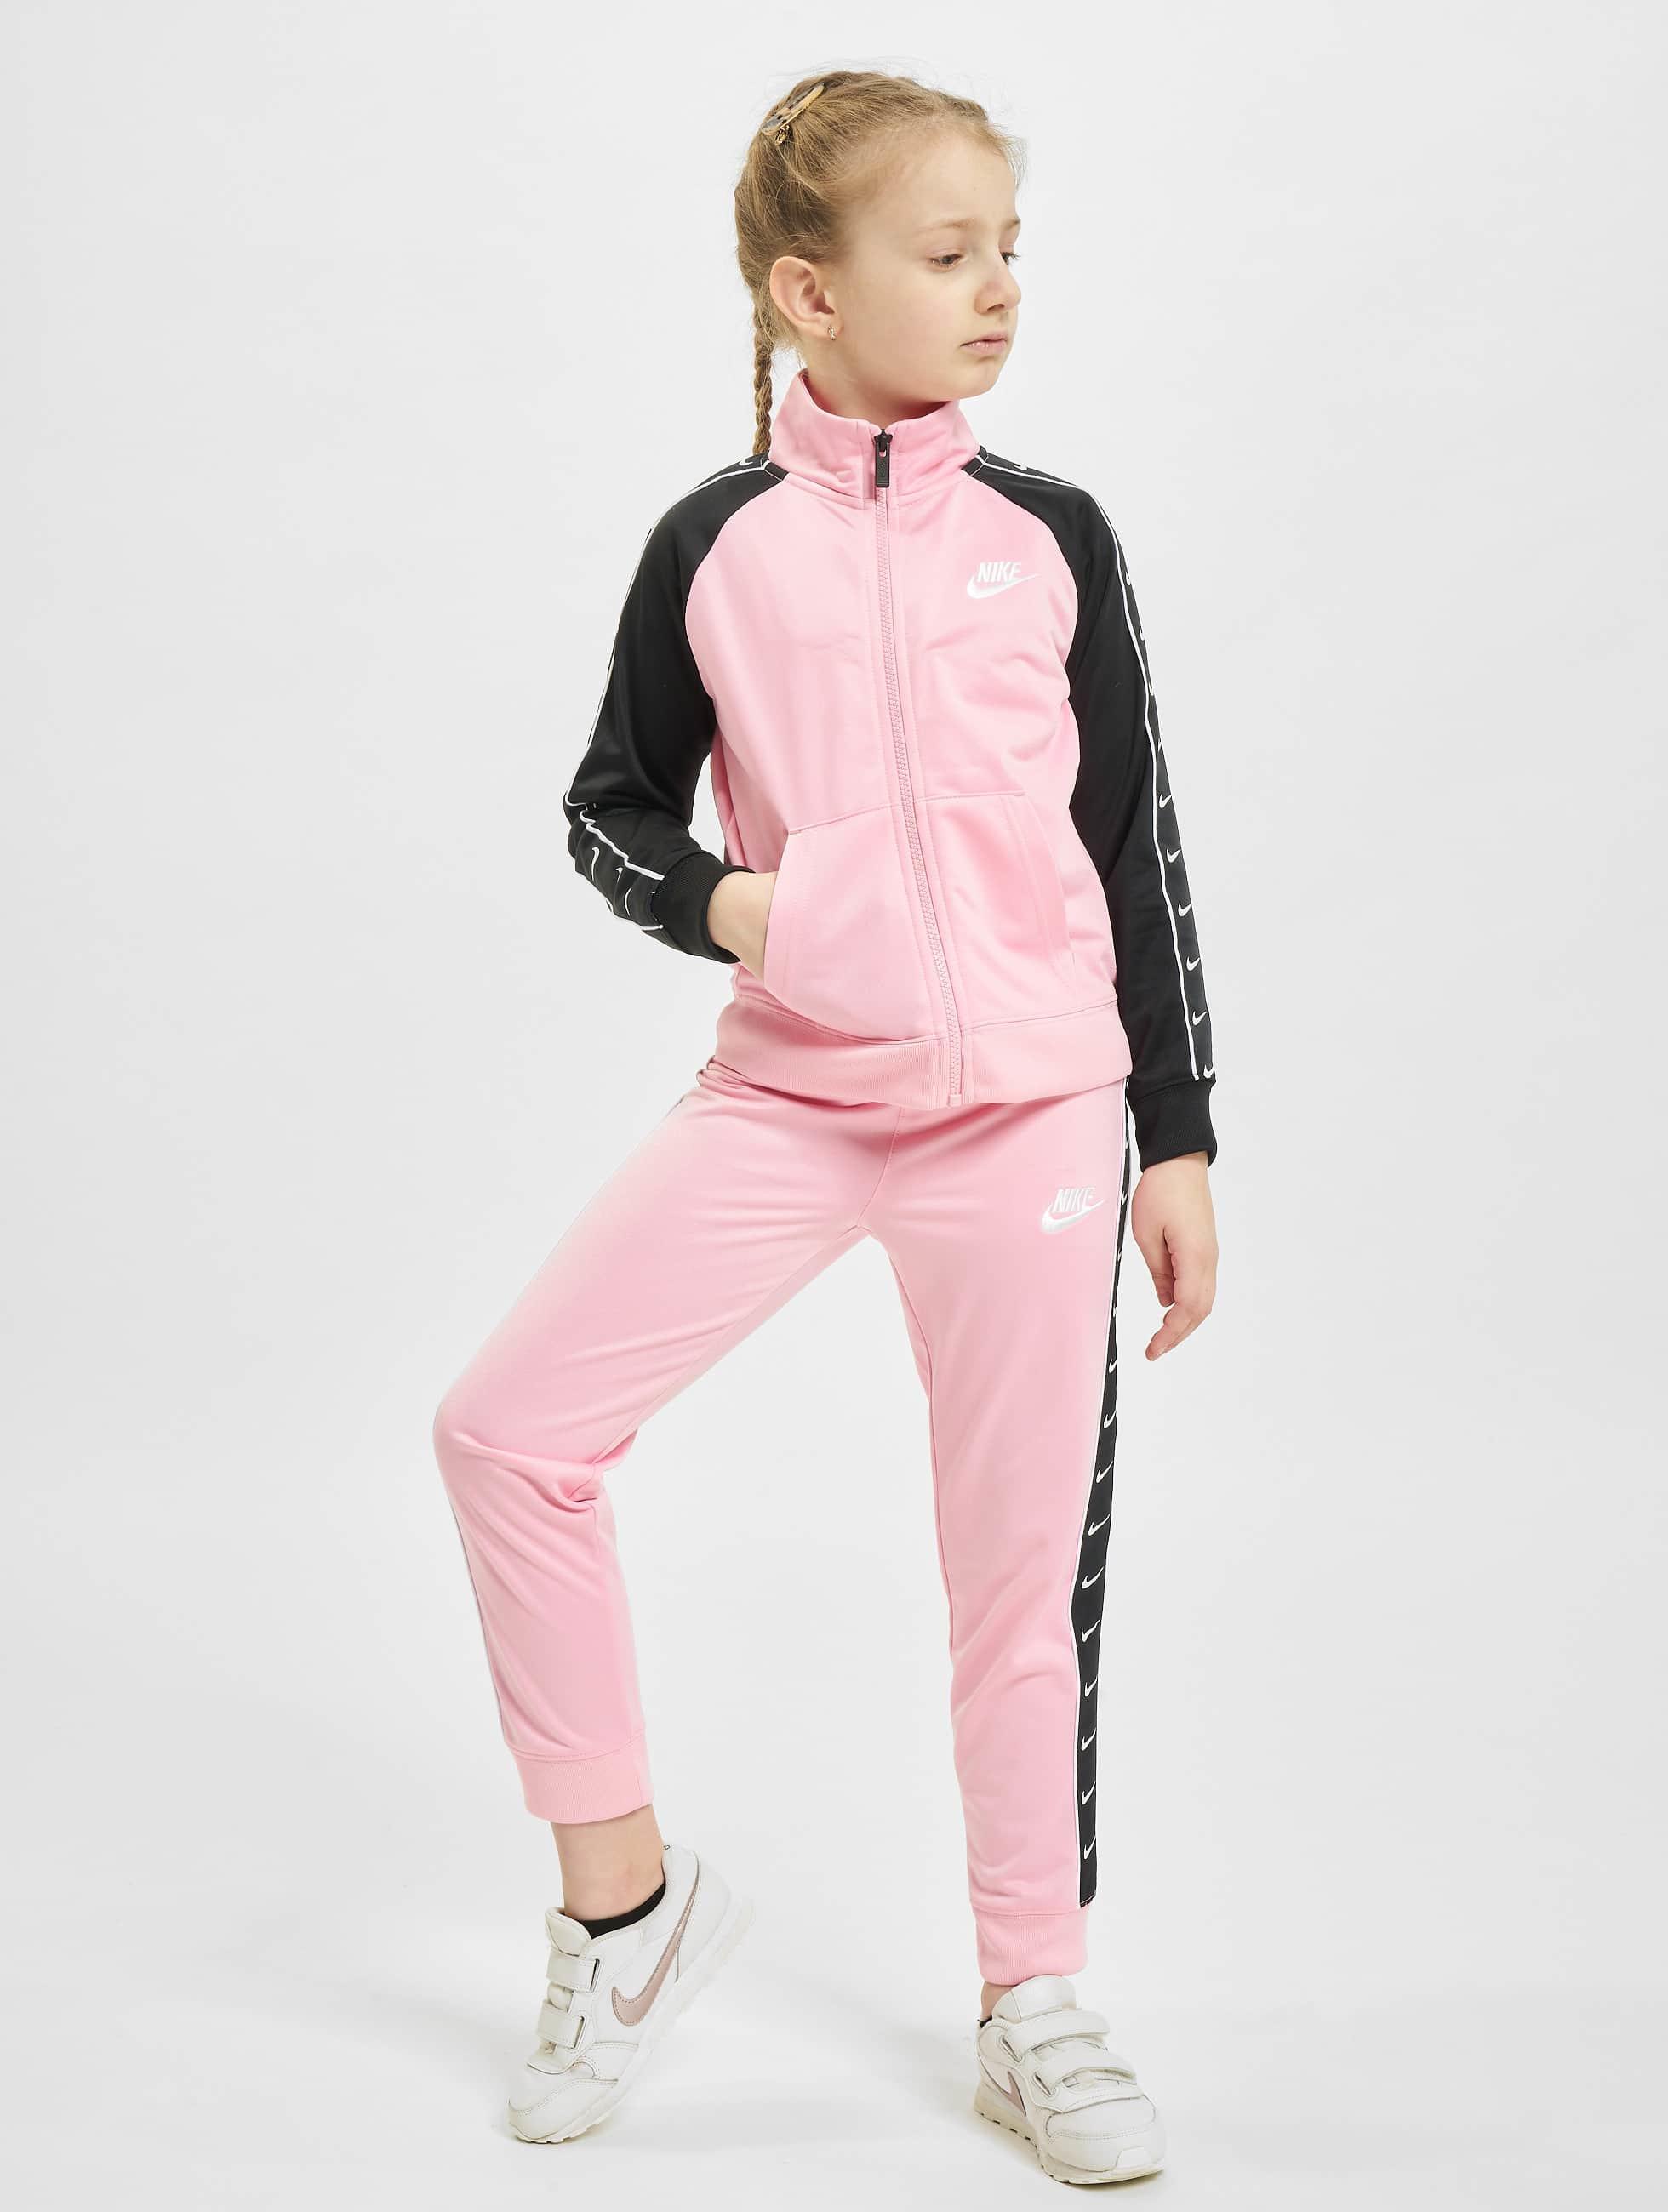 Nike Kinder Sonstiges Swoosh Tricot in pink